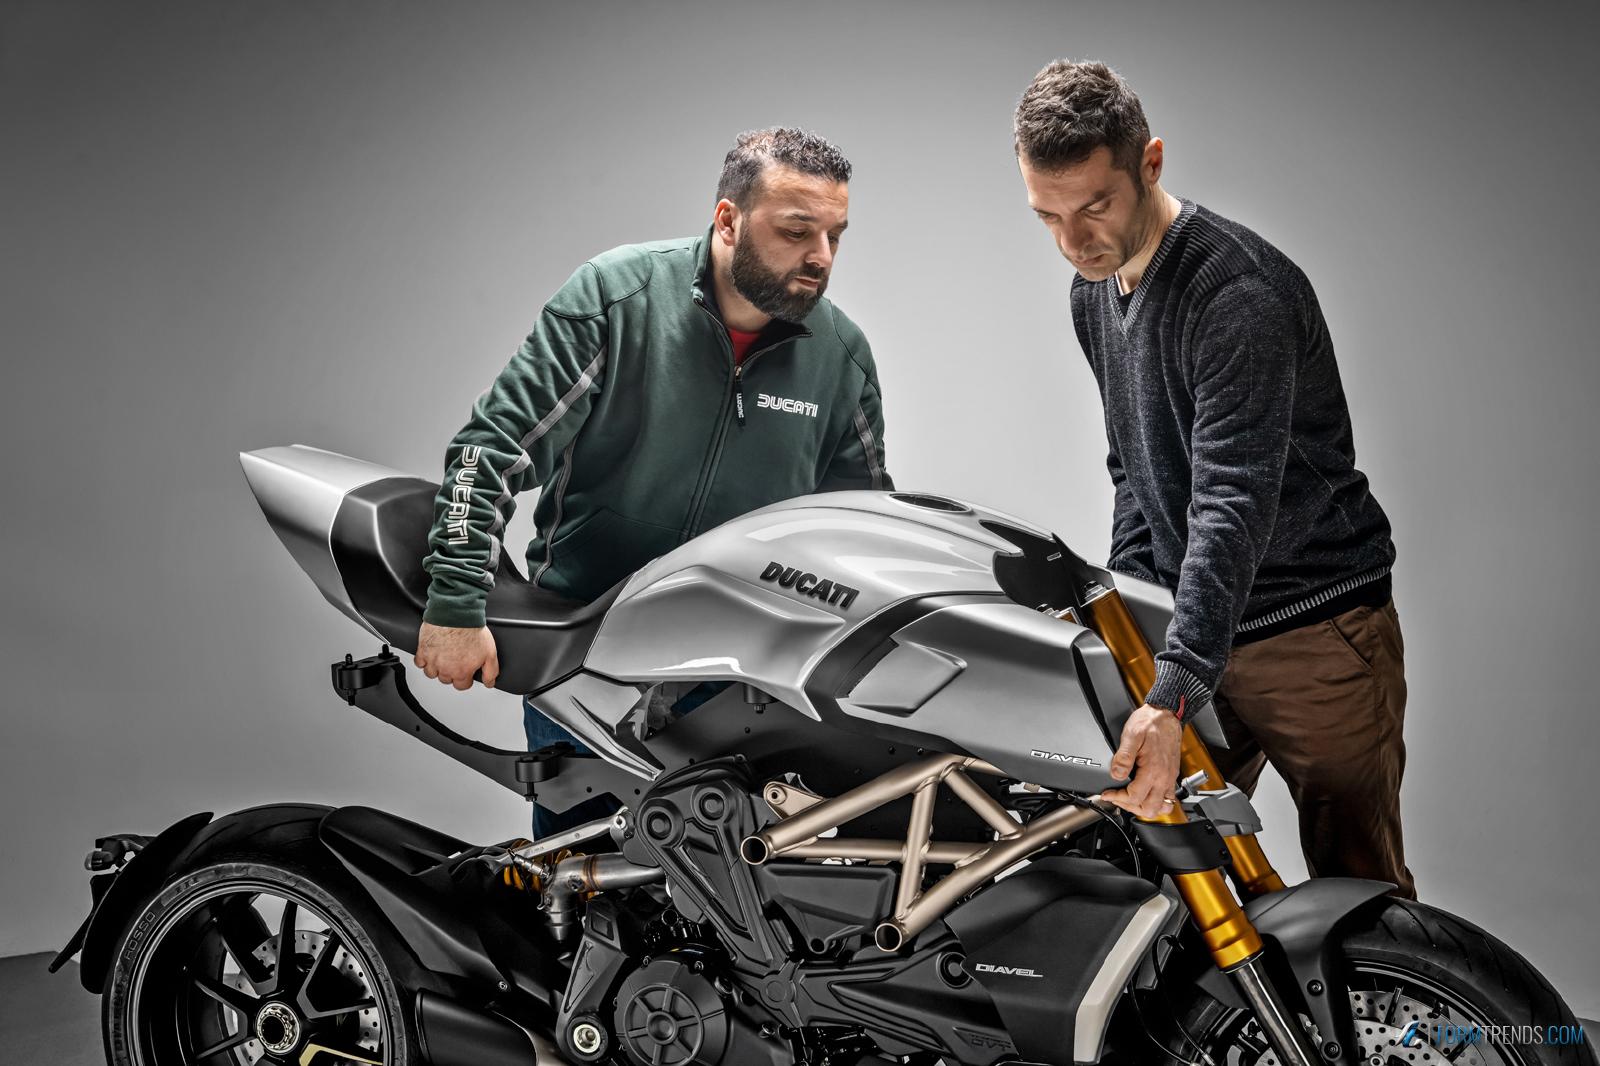 Designing the Ducati Diavel 1260